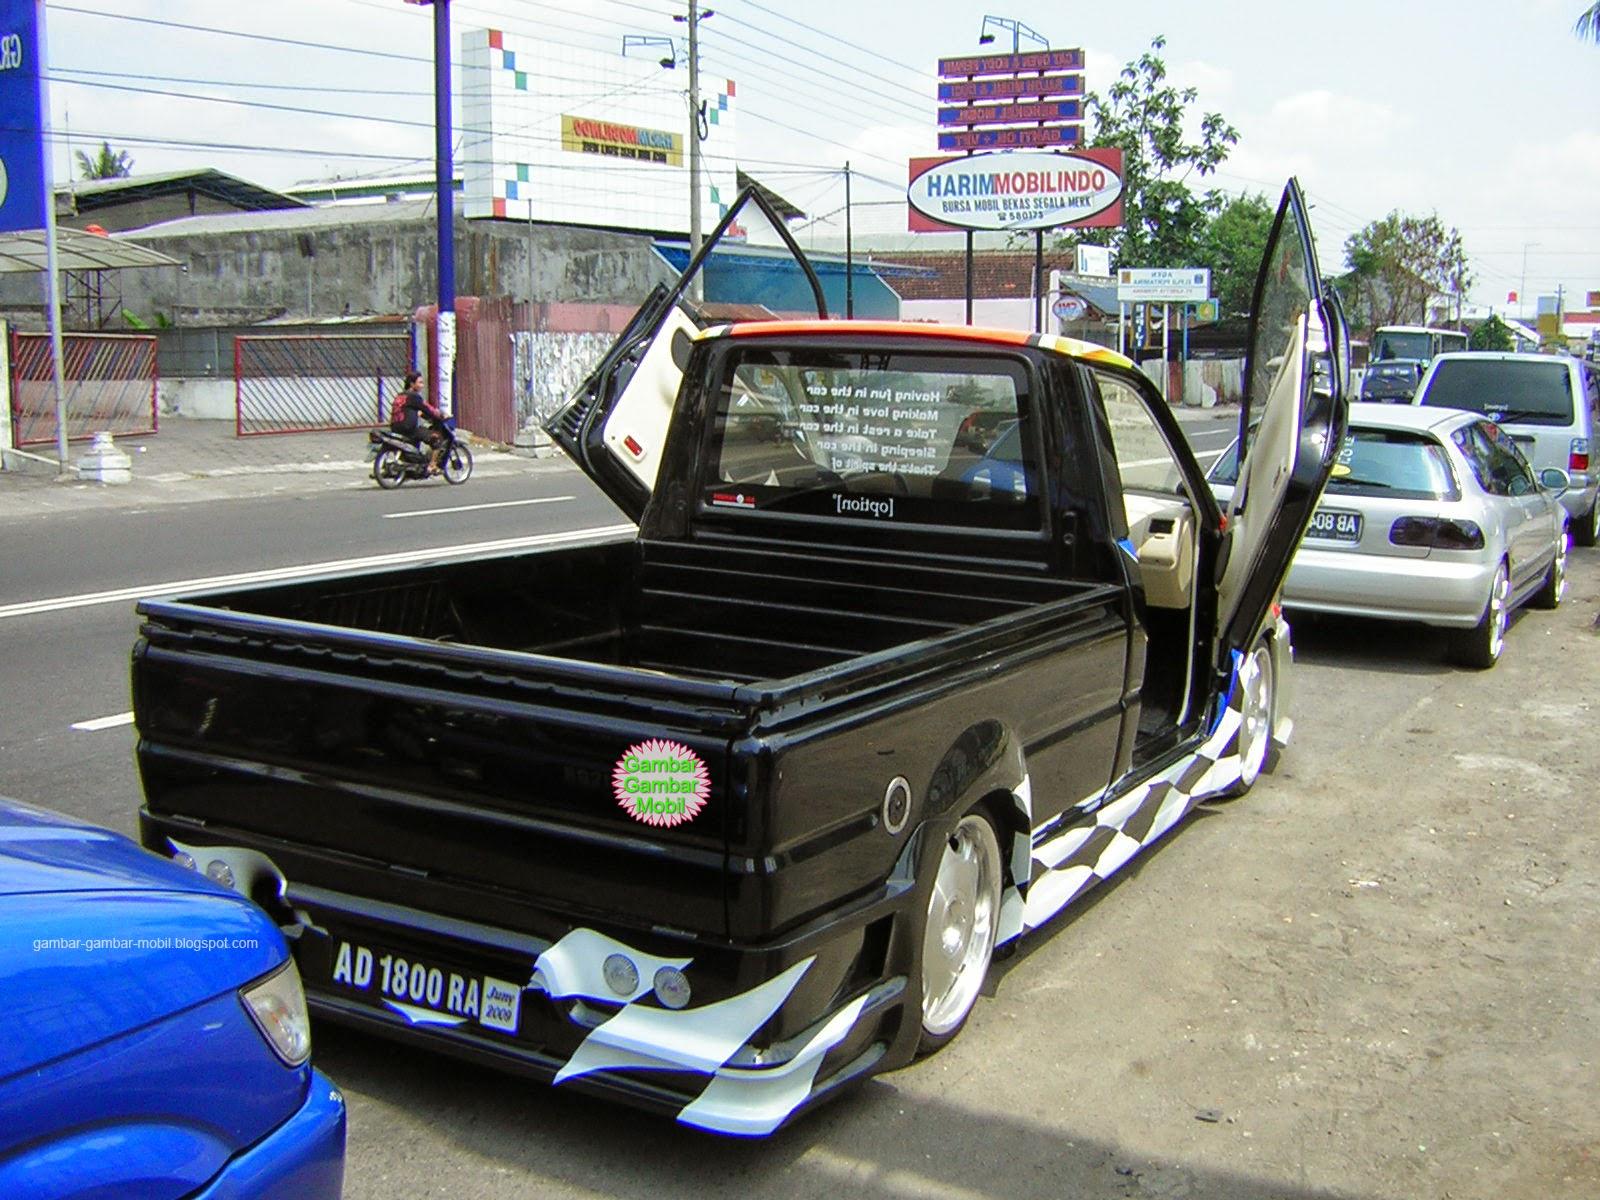 Gambar mobil modifikasi - Gambar Gambar Mobil